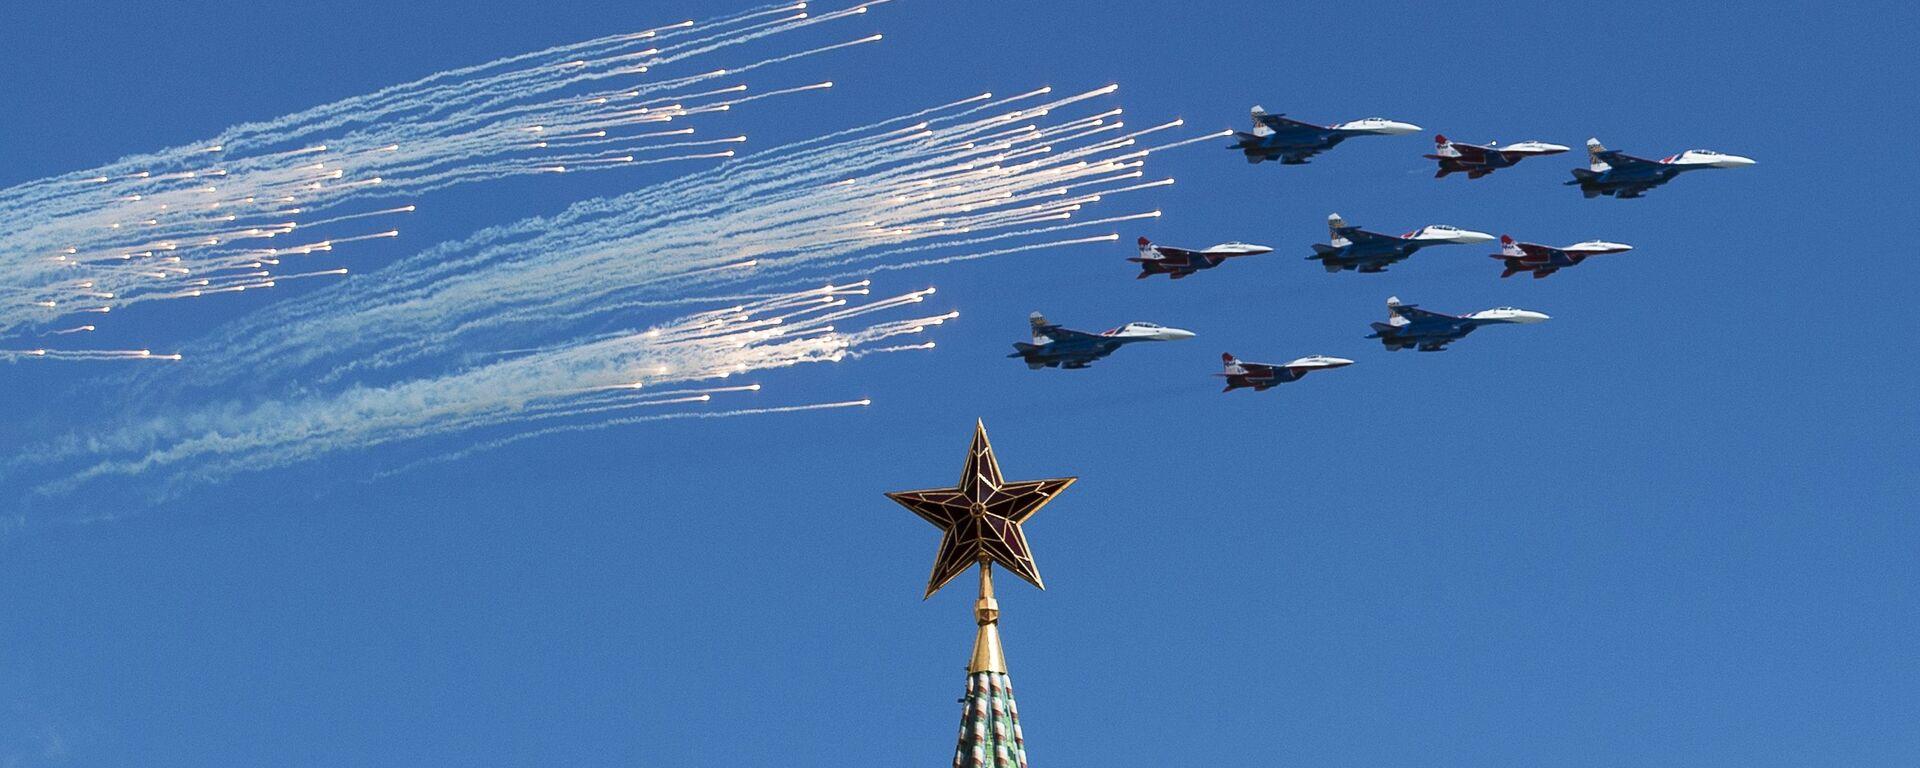 Stíhačky Su-27 a MiG-26 předvádějí slavný Kubinský briliant během zkoušky vzdušné části přehlídky. - Sputnik Česká republika, 1920, 01.08.2021